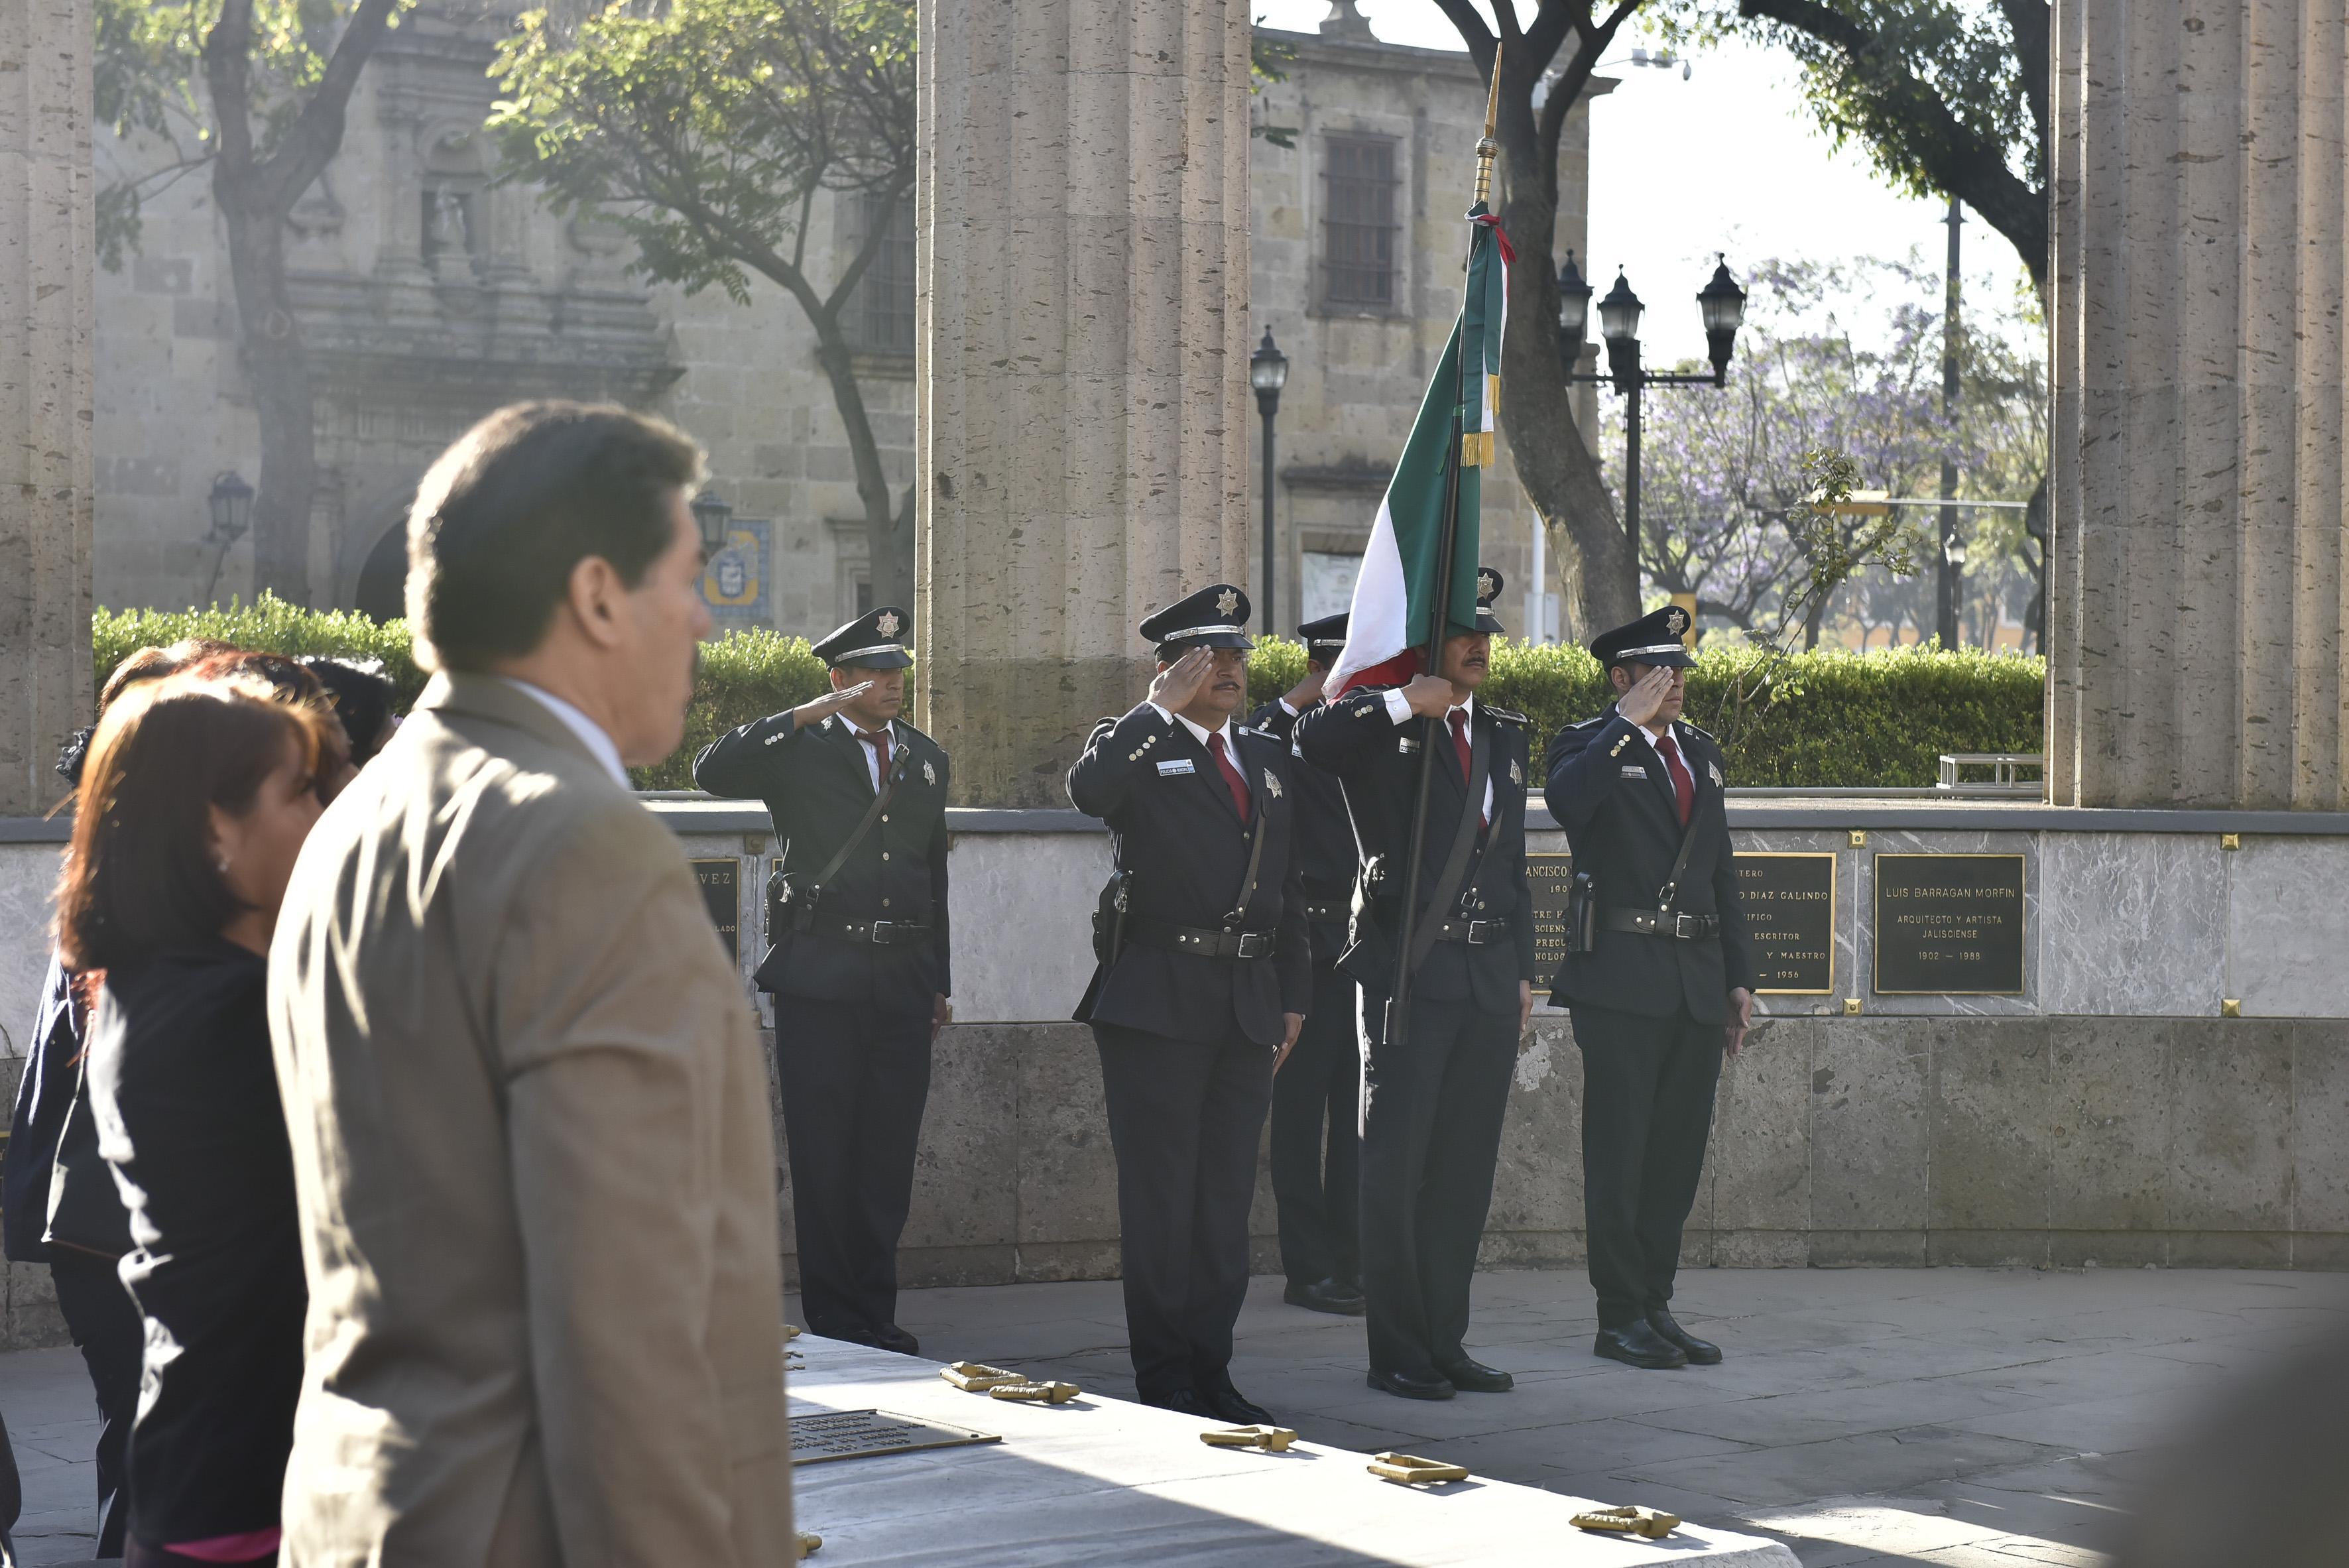 Policías municipales haciendo honores a la bandera en la Rotonda de los Hombres Ilustres, durante conmemoración del 137 aniversario del natalicio de Irene Robledo García.